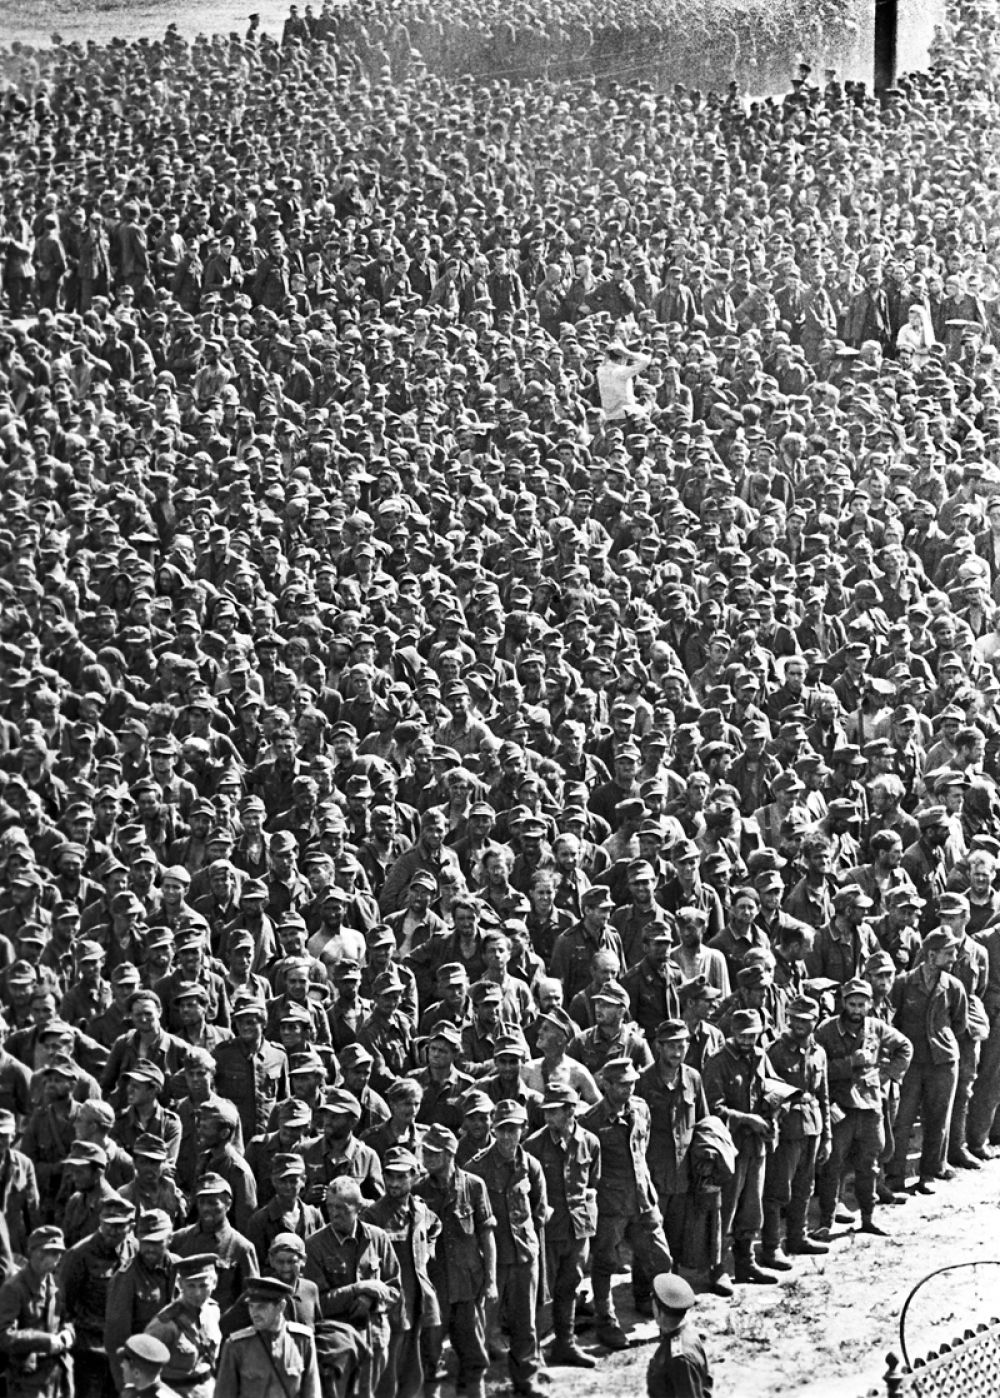 Пленных собрали на московском ипподроме и стадионе «Динамо». Руководил прохождением колонн командующий войсками Московского военного округа генерал-полковник Павел Артемьев.